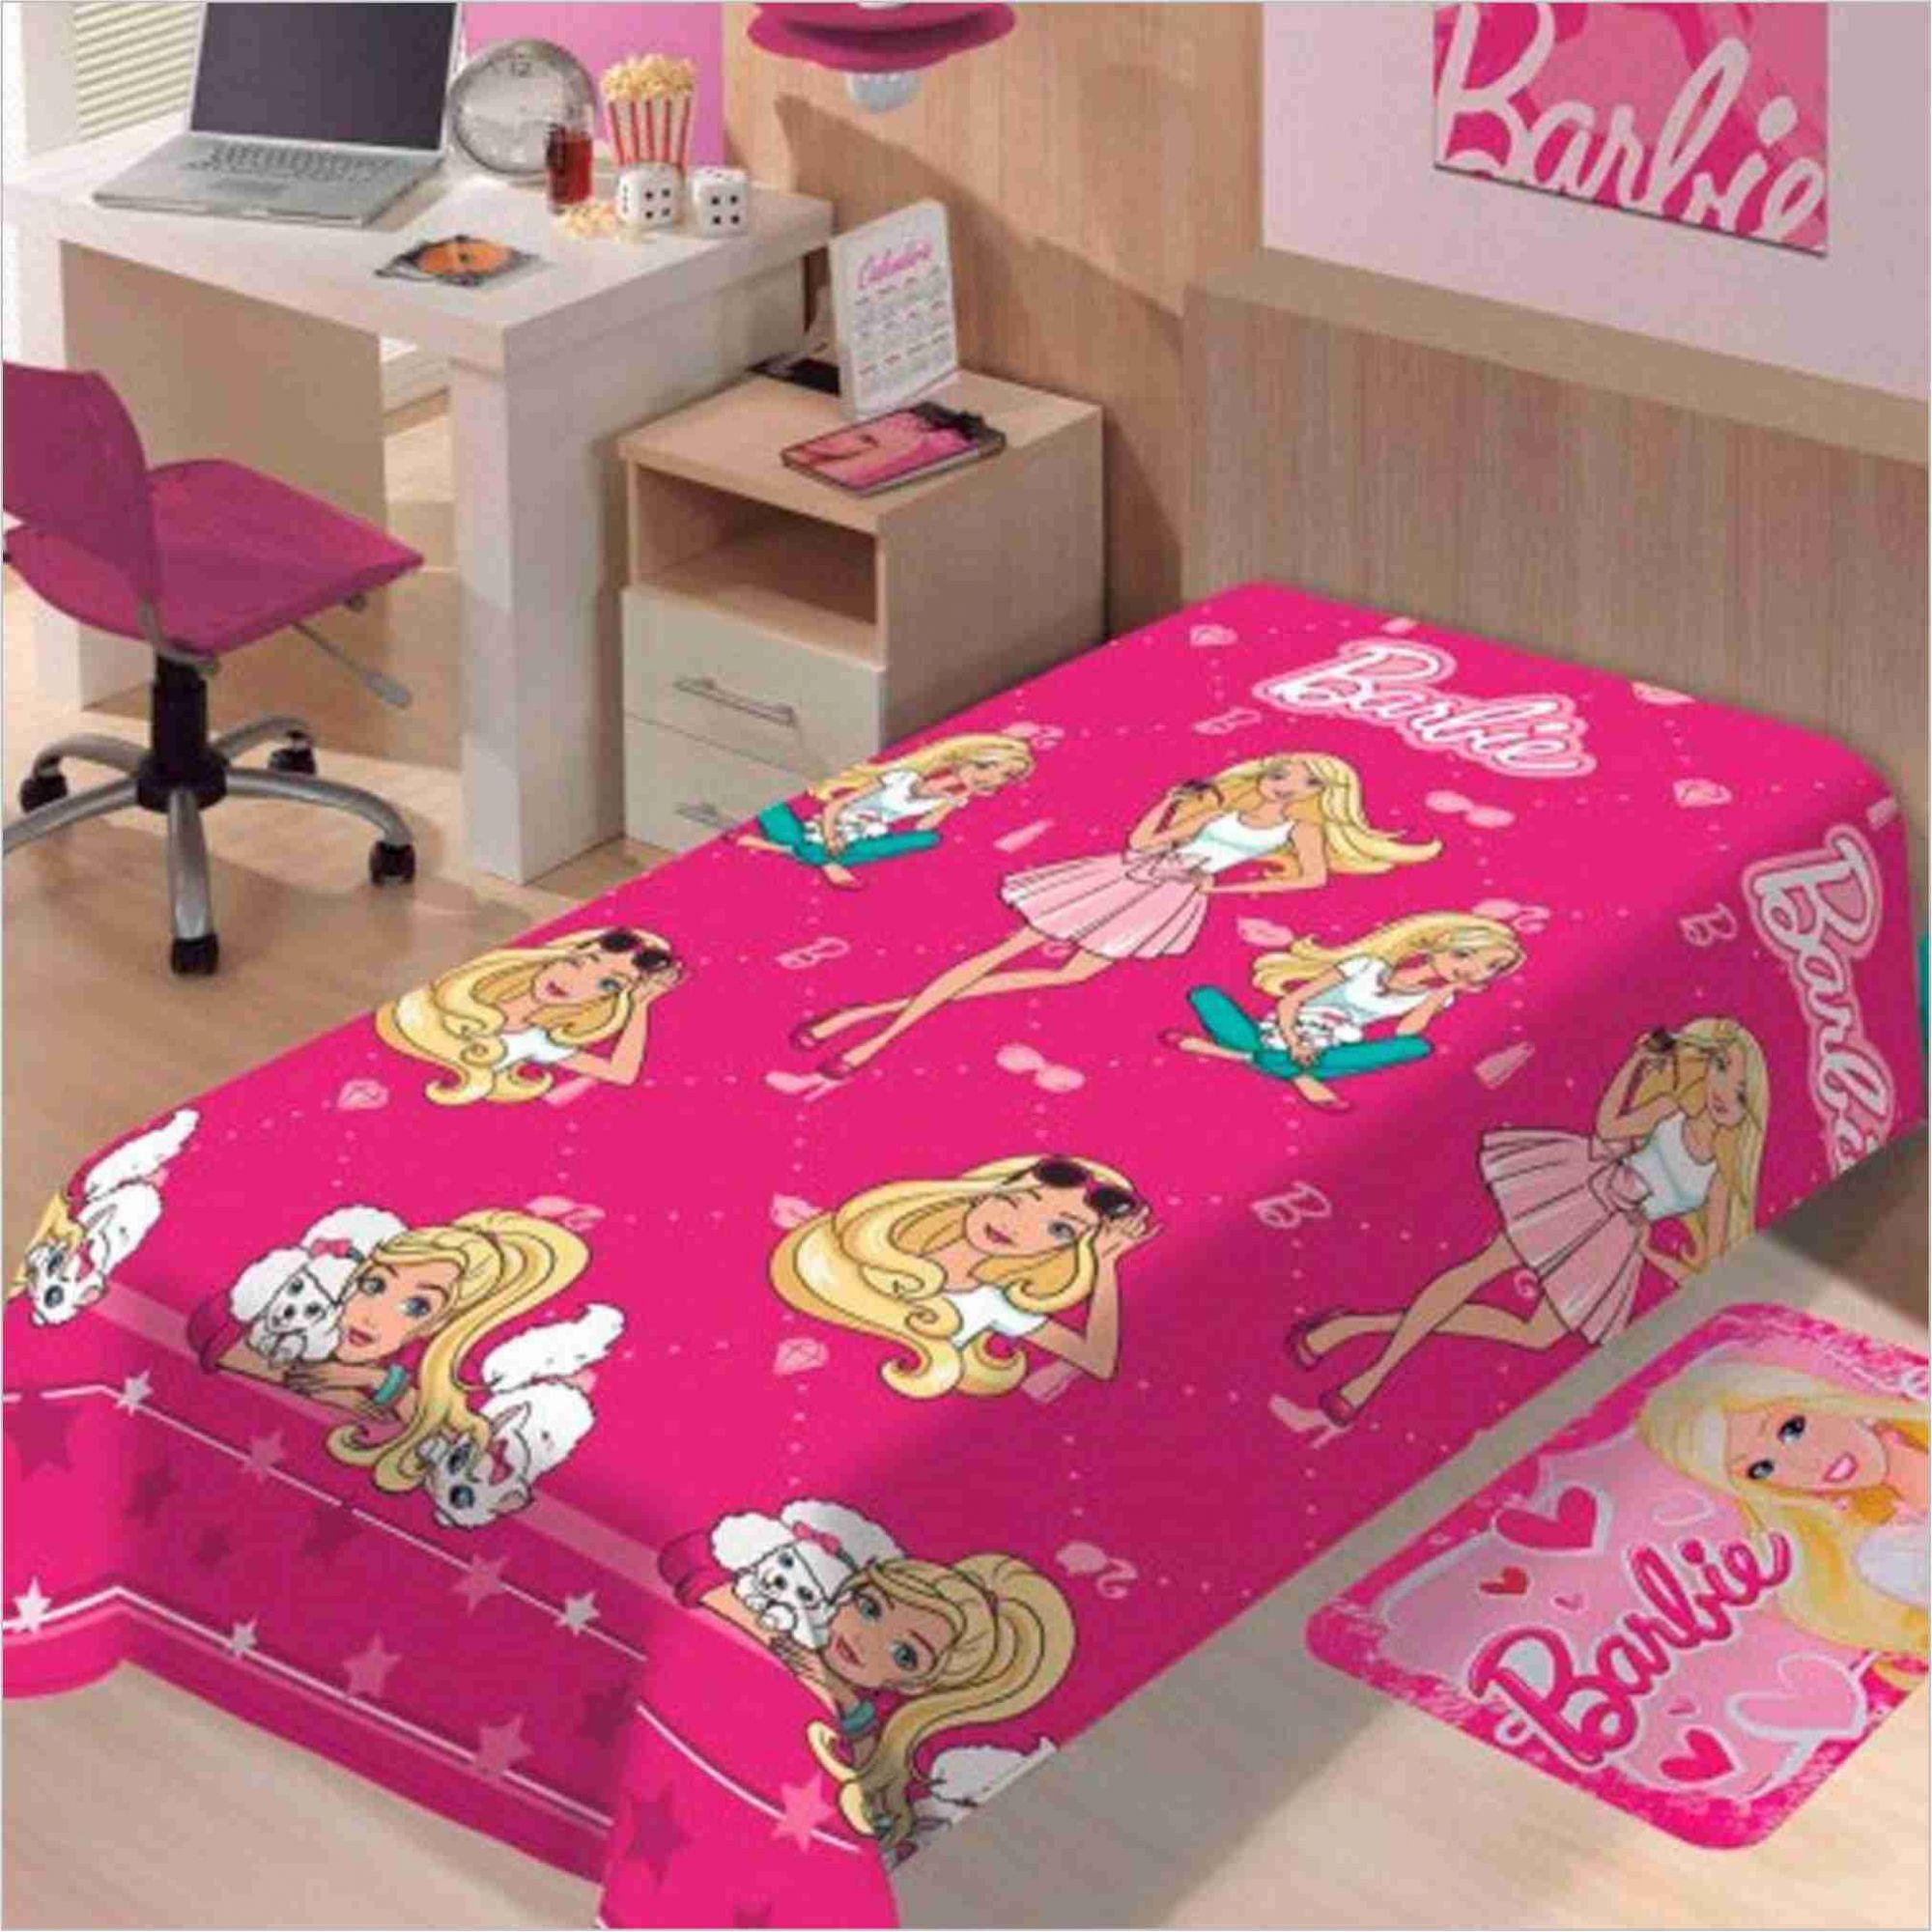 f0568175a1 Manta Soft+ Jogo Cama Lençol 2pçs+ Cortina Barbie Lepper - PEQUENININHOS.COM